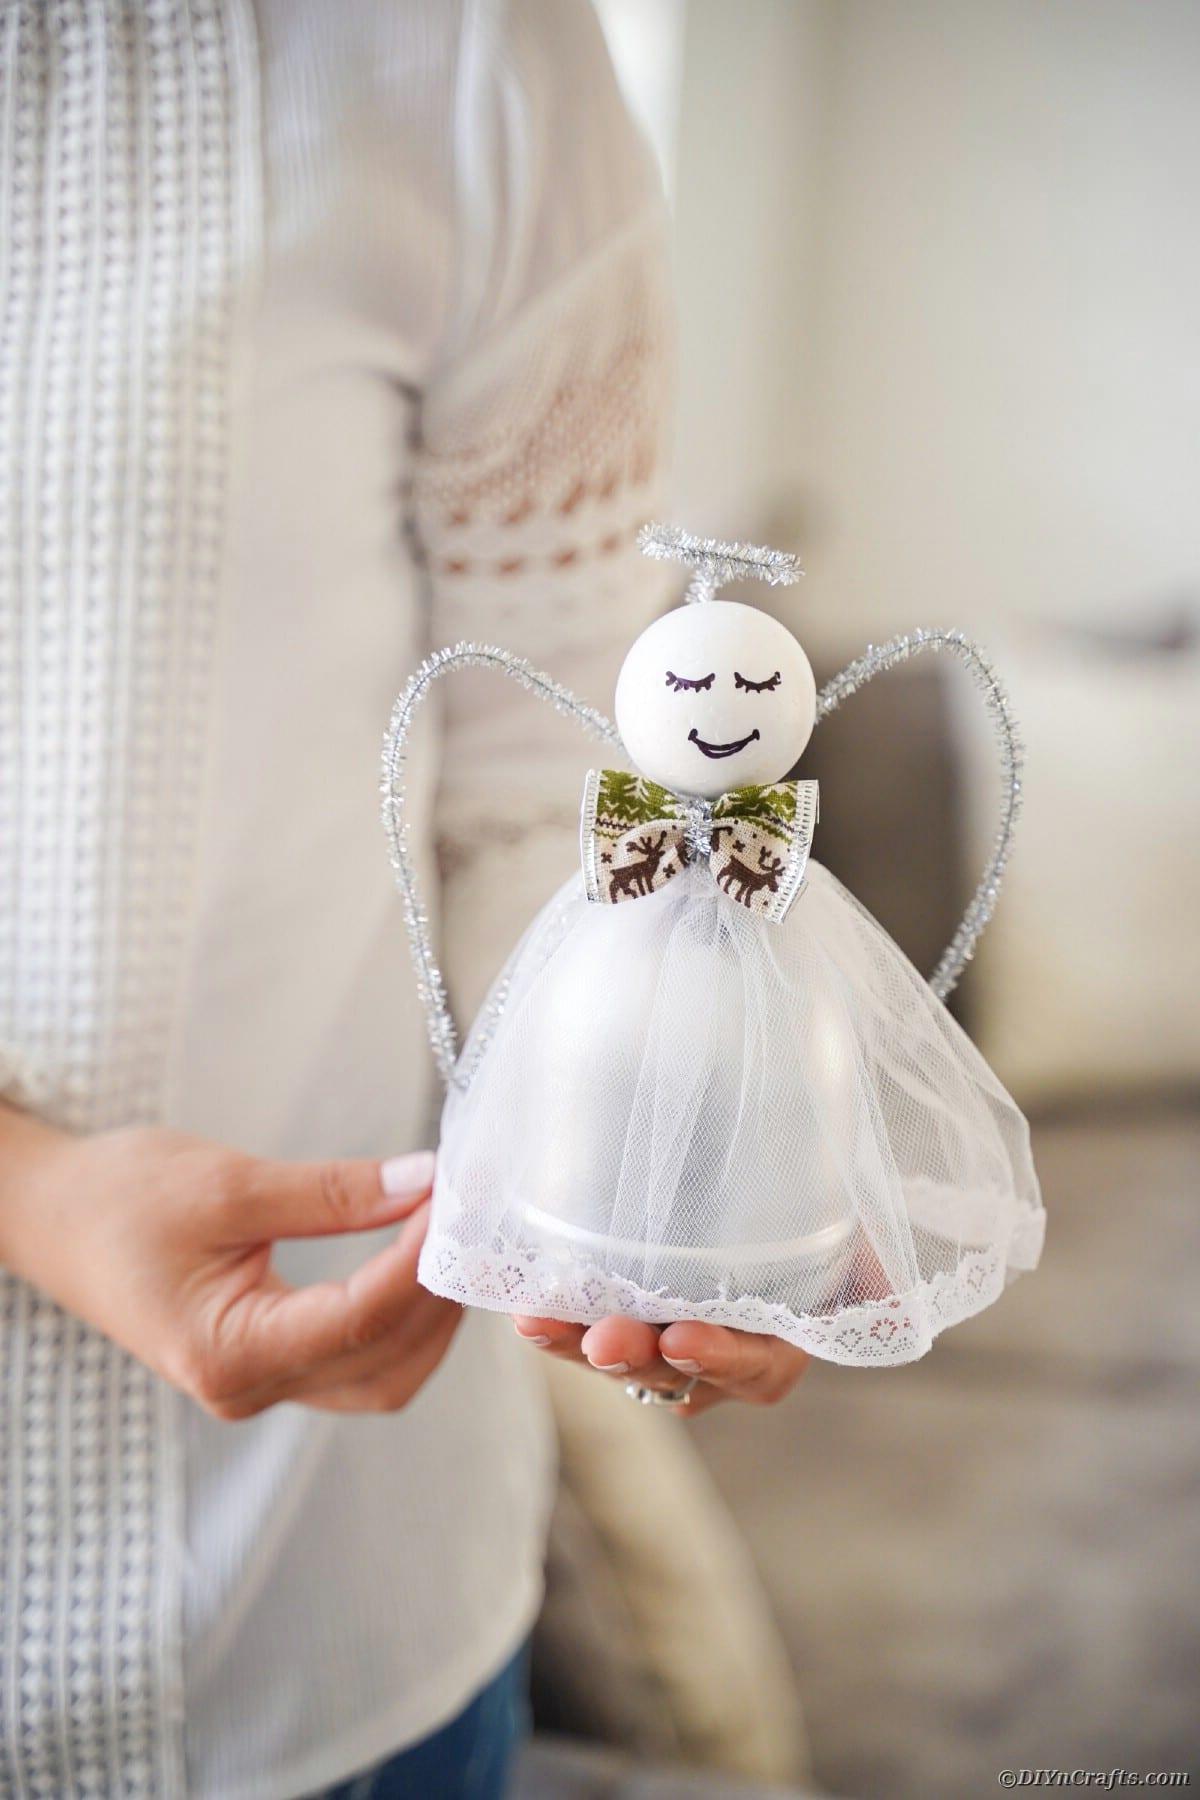 Woman holding bottle angel